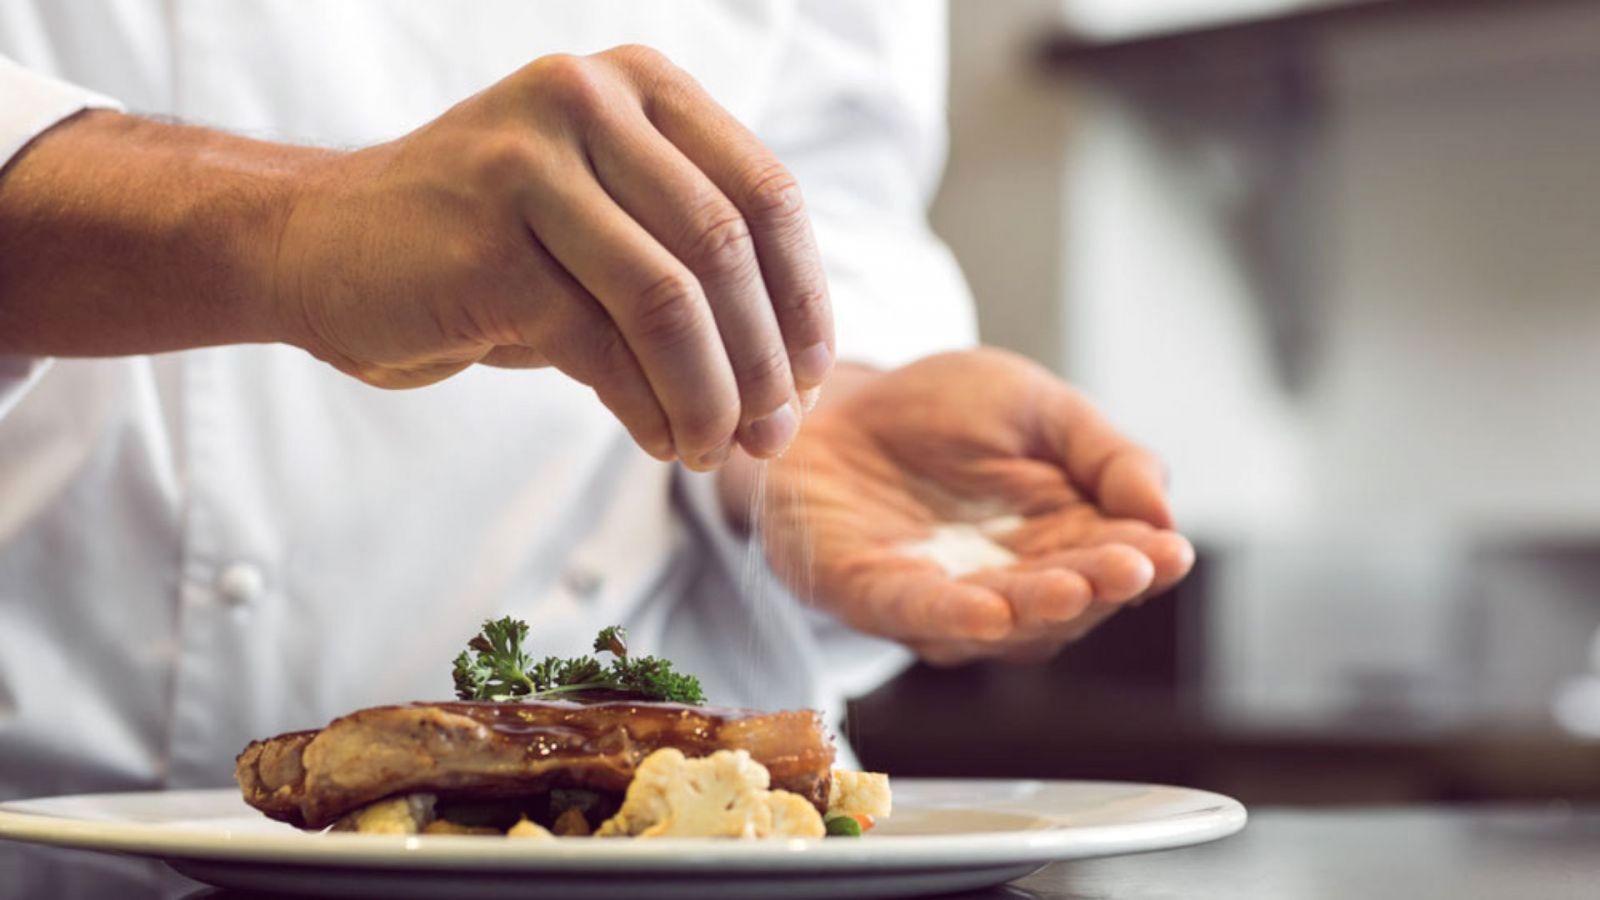 Các mẹo chữa cháy khi thức ăn bị mặn đơn giản mà hiệu quả bất ngờ - Ảnh 1